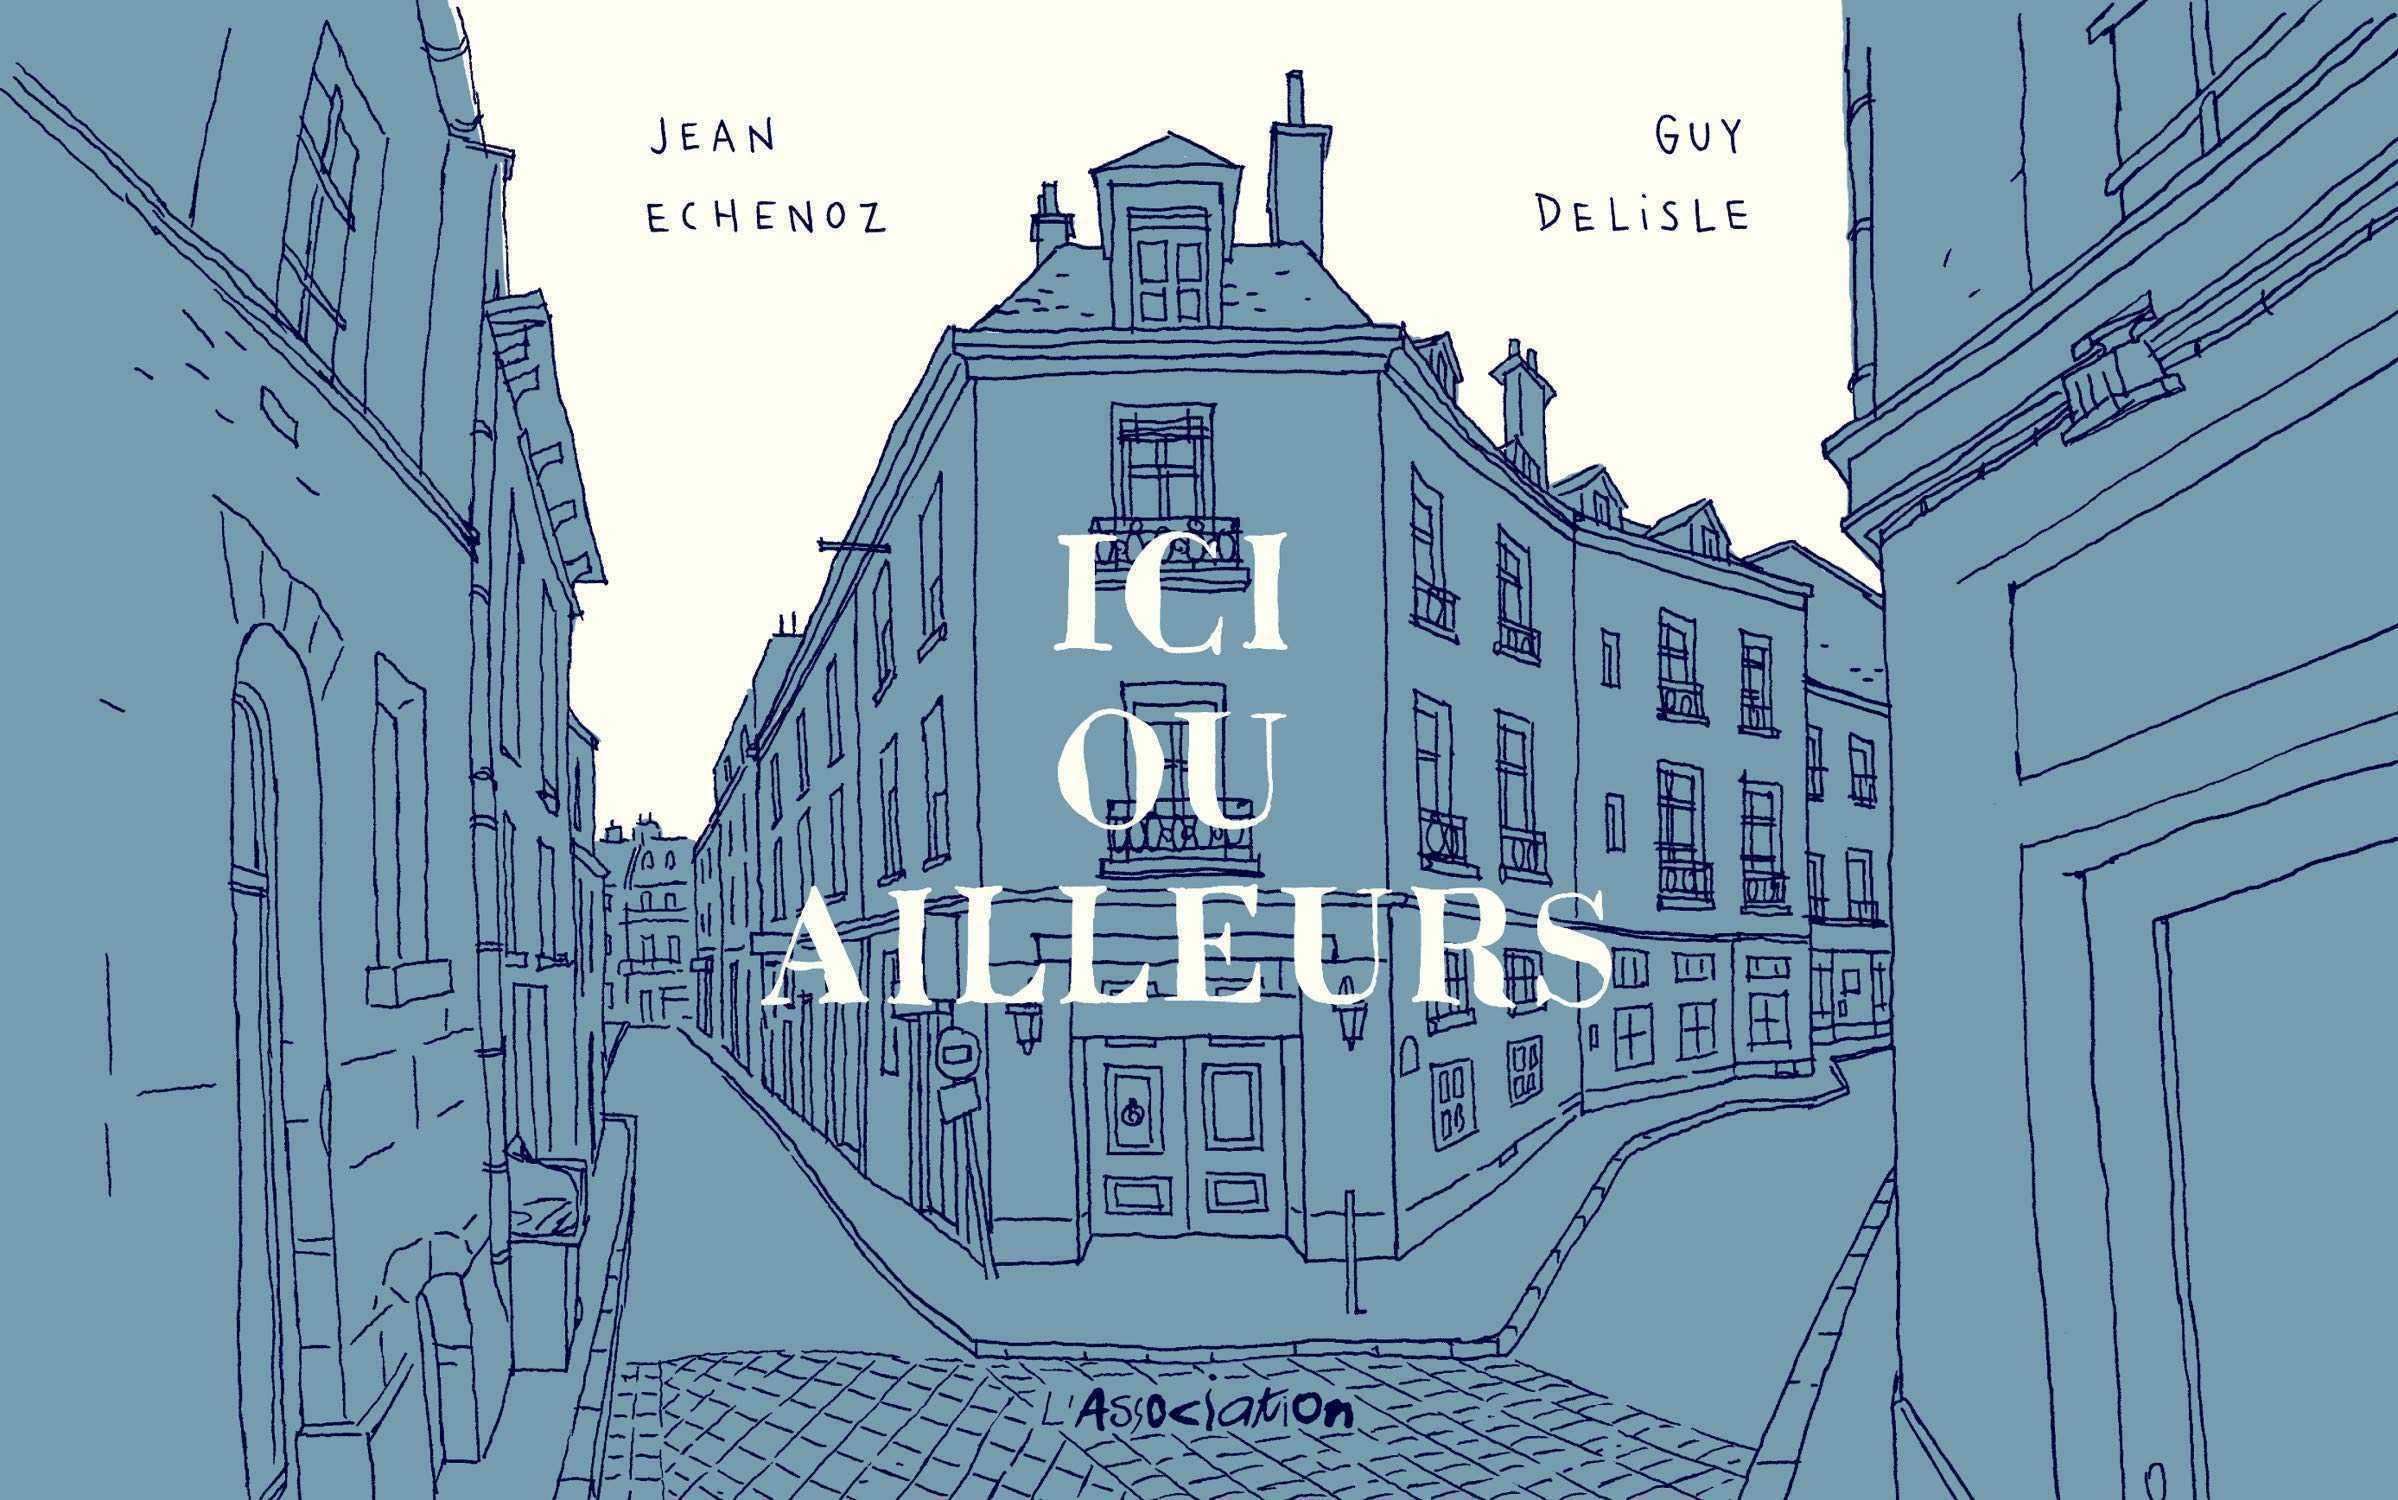 Guy Delisle chez Agnès B le 14 novembre 2019 à Montpellier pour Ici ou ailleurs